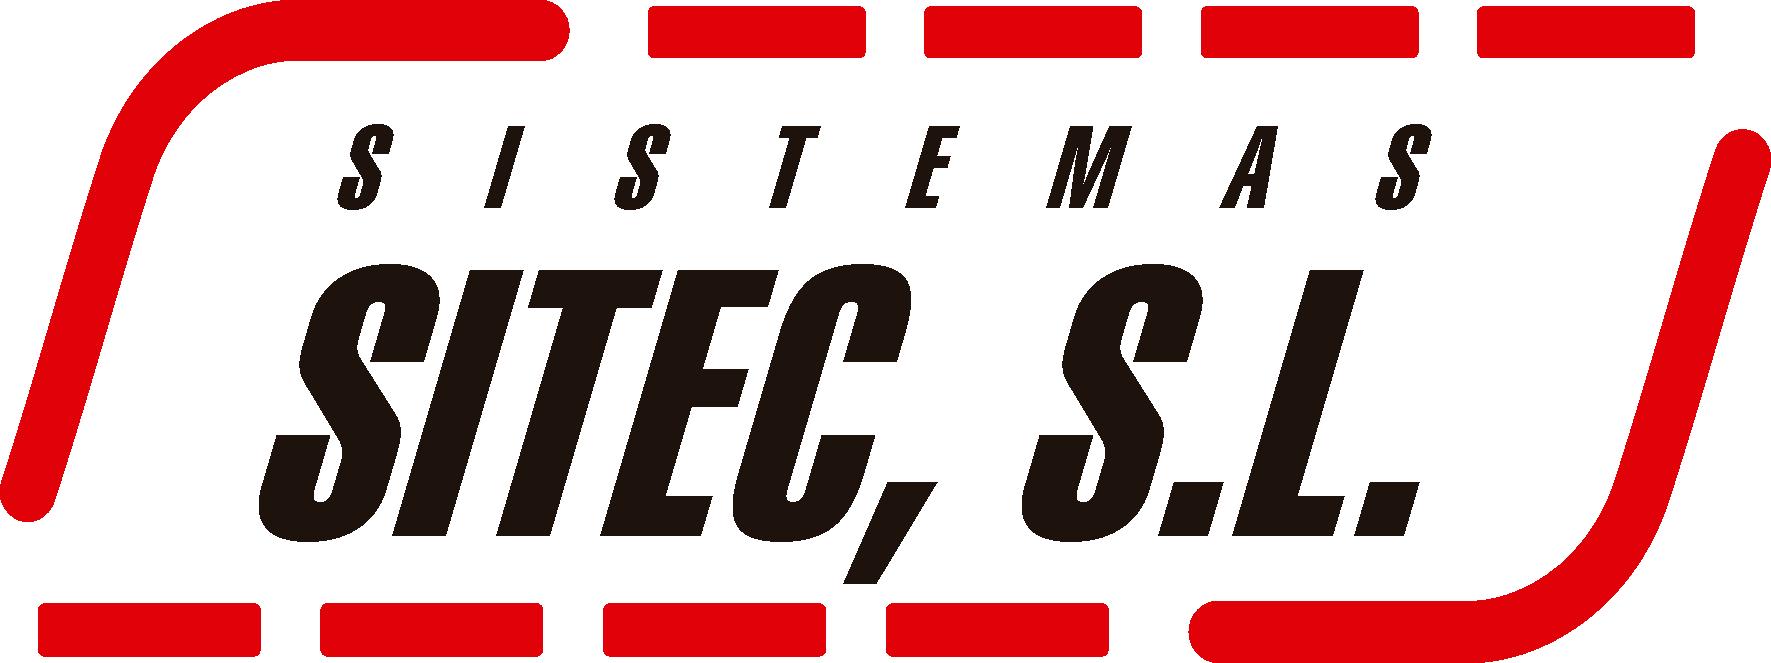 Sistemas Sitec